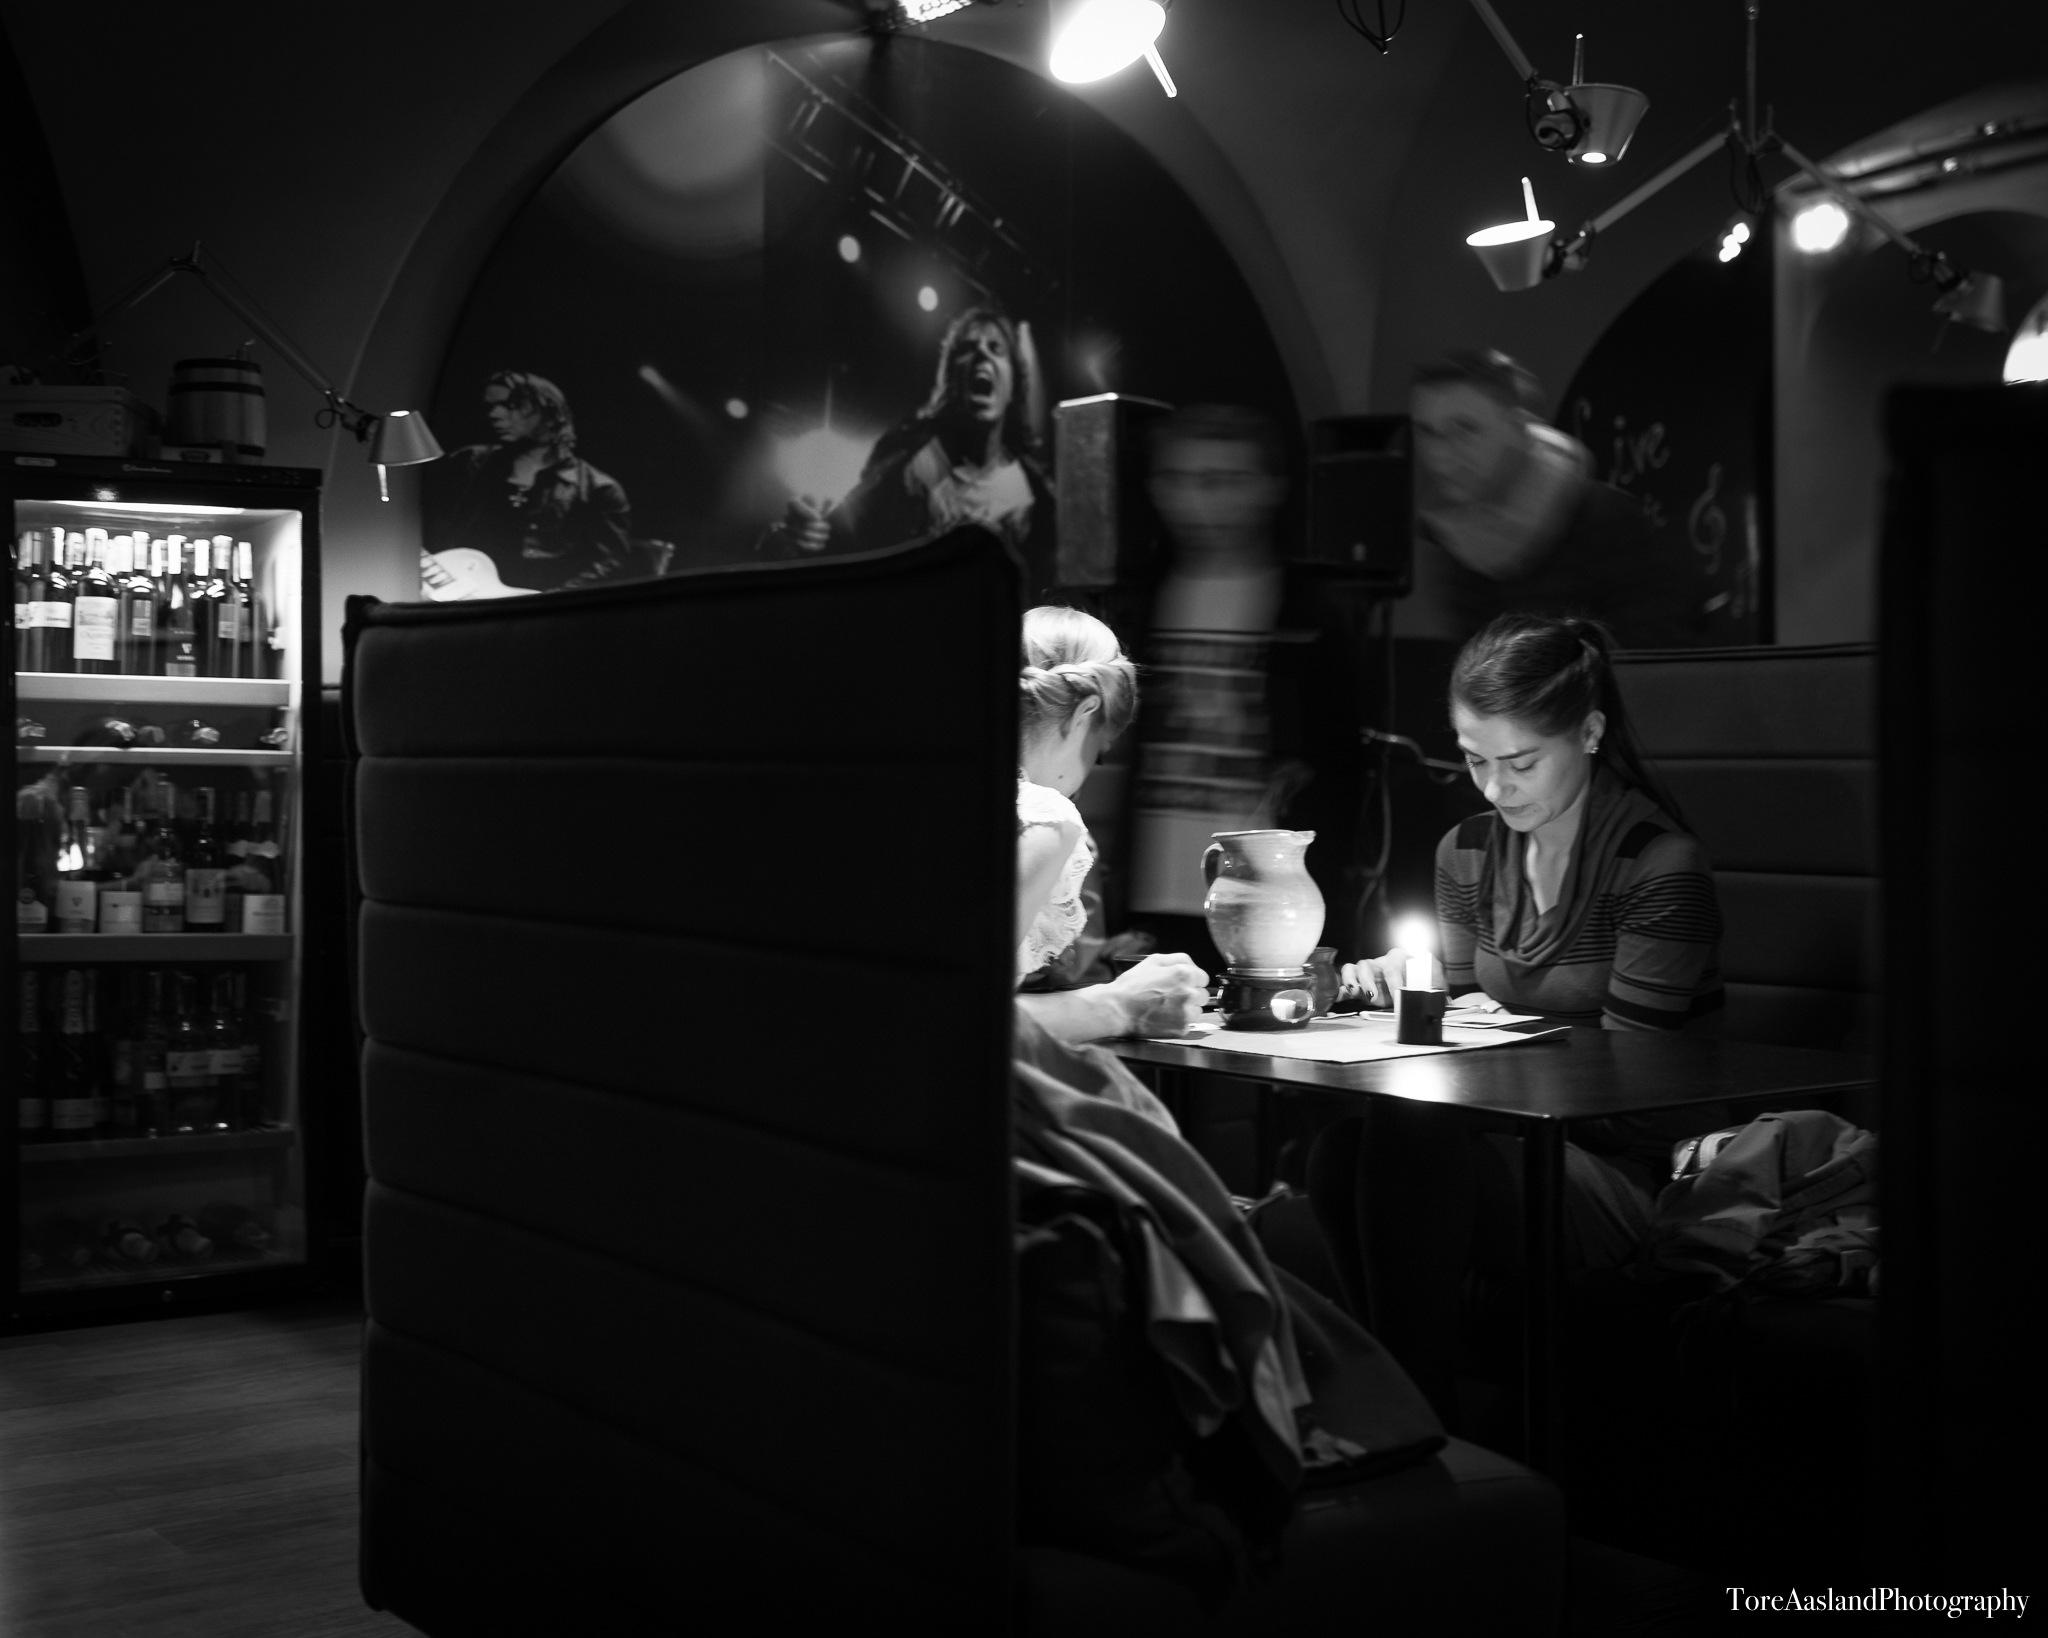 Two girls by ToreAaslandPhotography